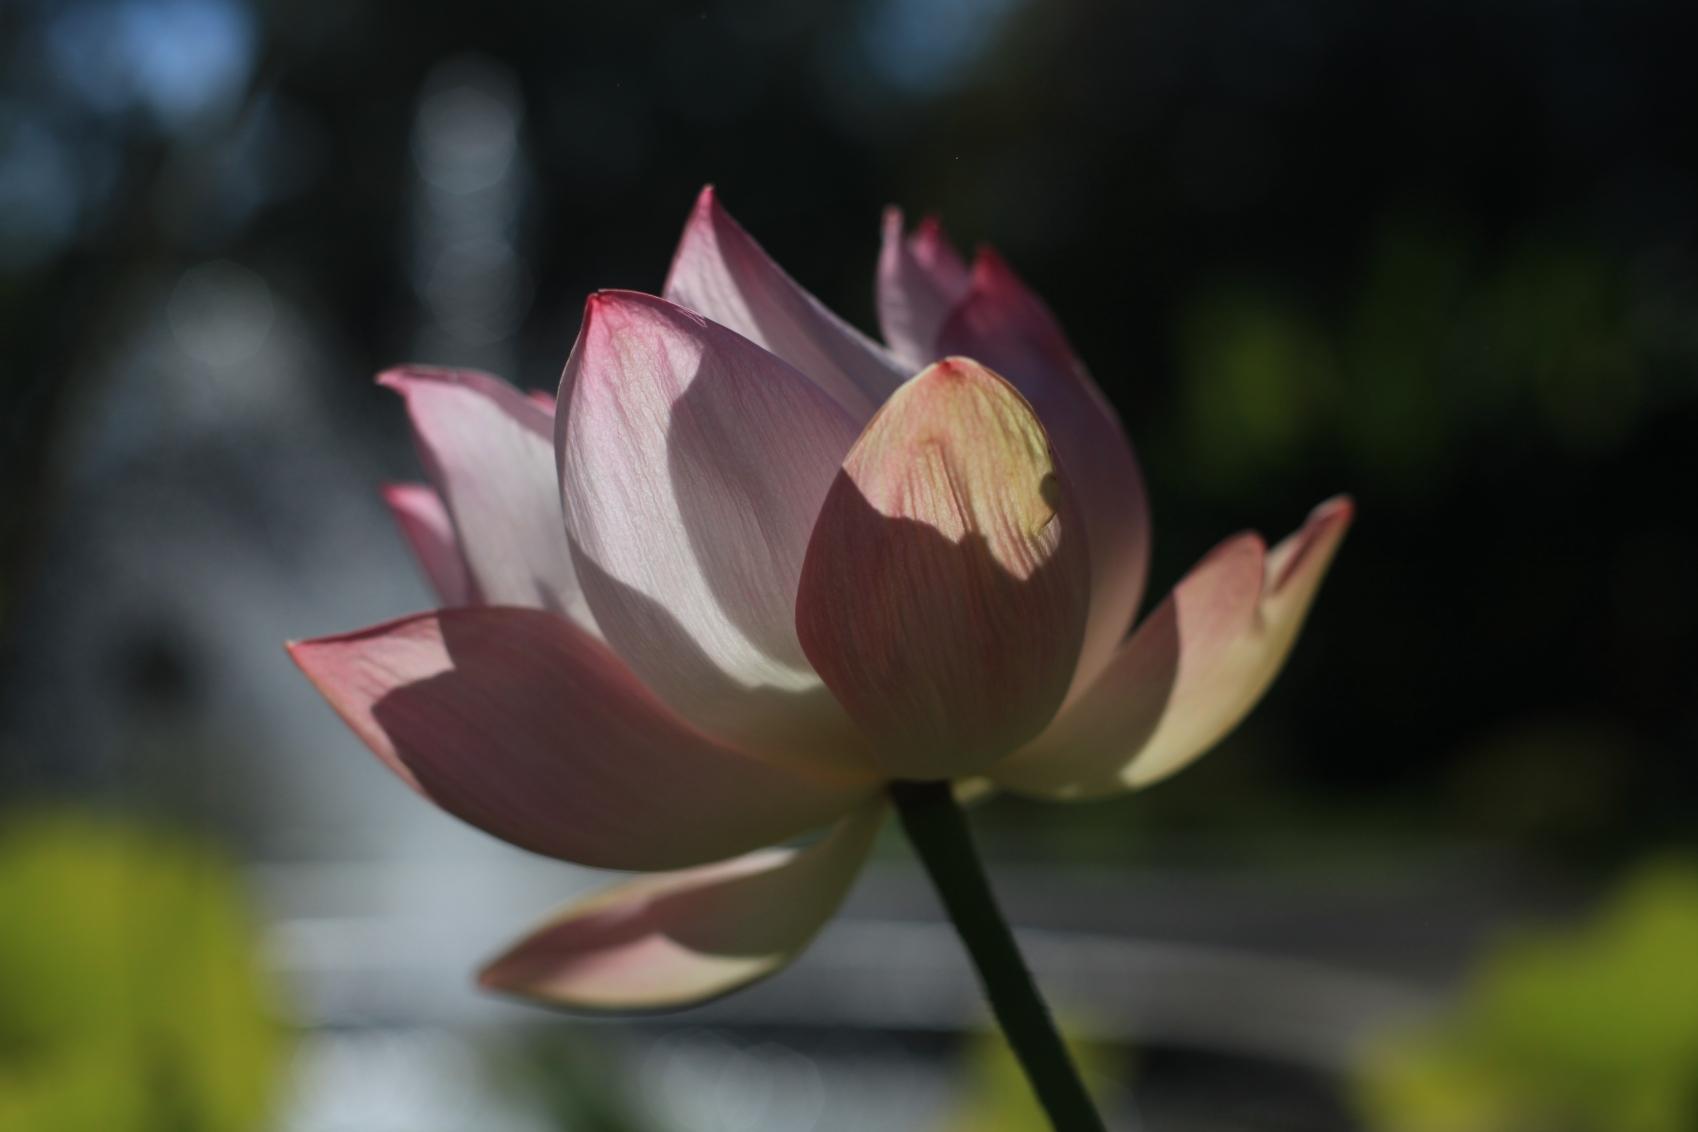 Die indische Lotusblüte ist eine perfekte Blüte.